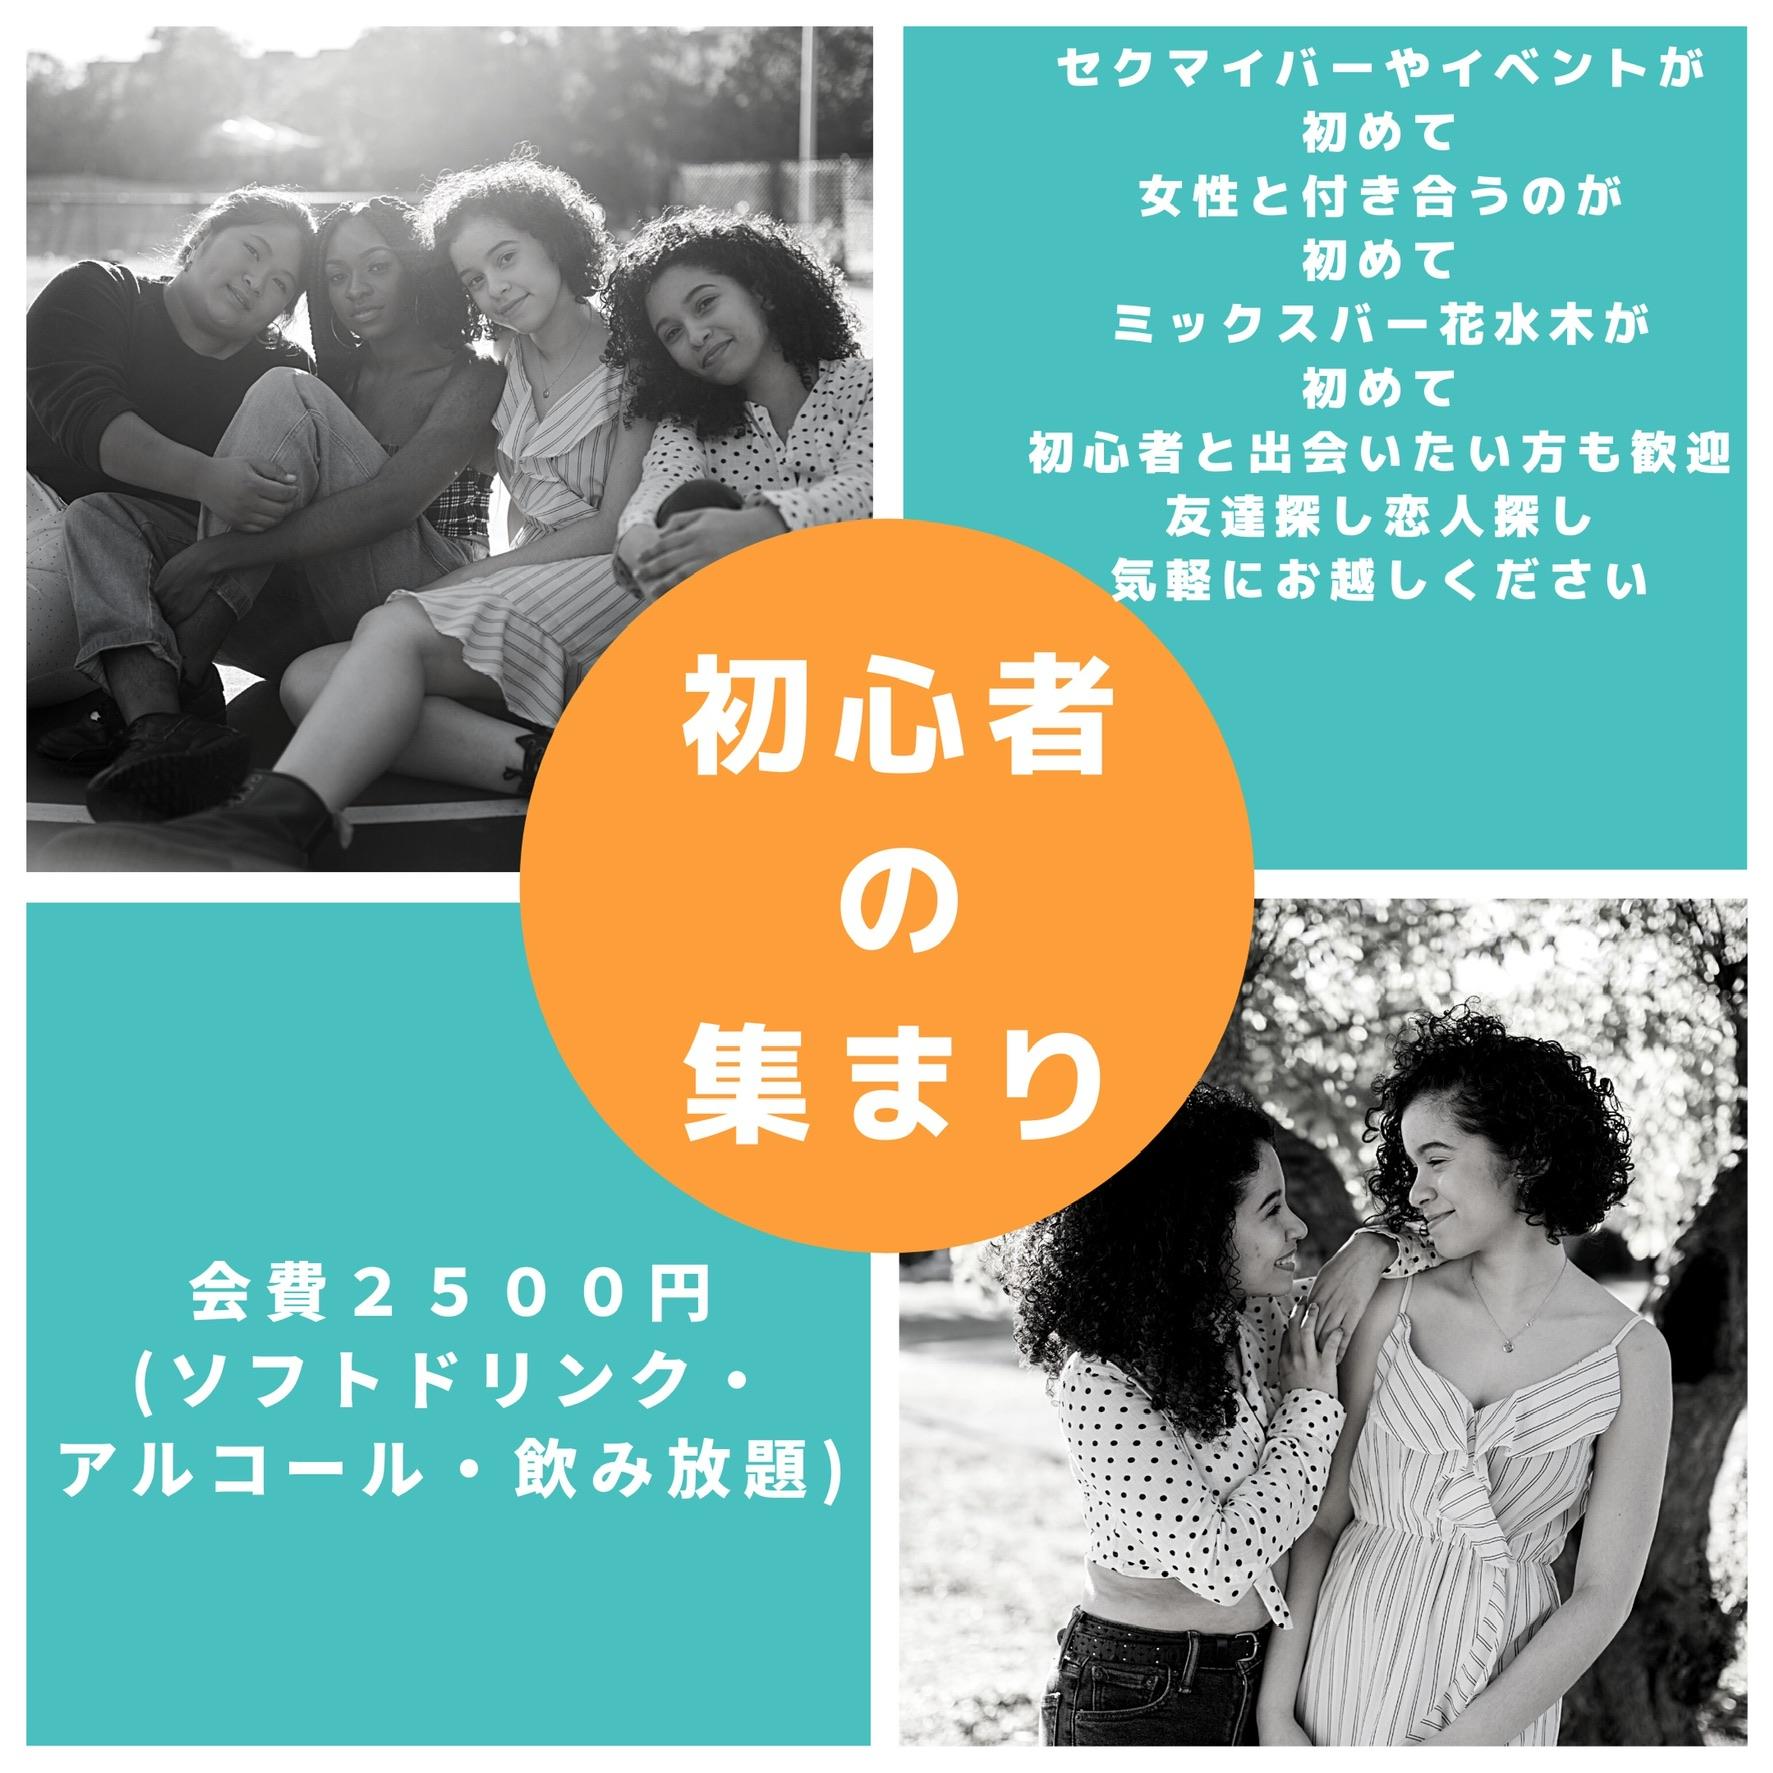 【大阪】初心者の出会いオフ会